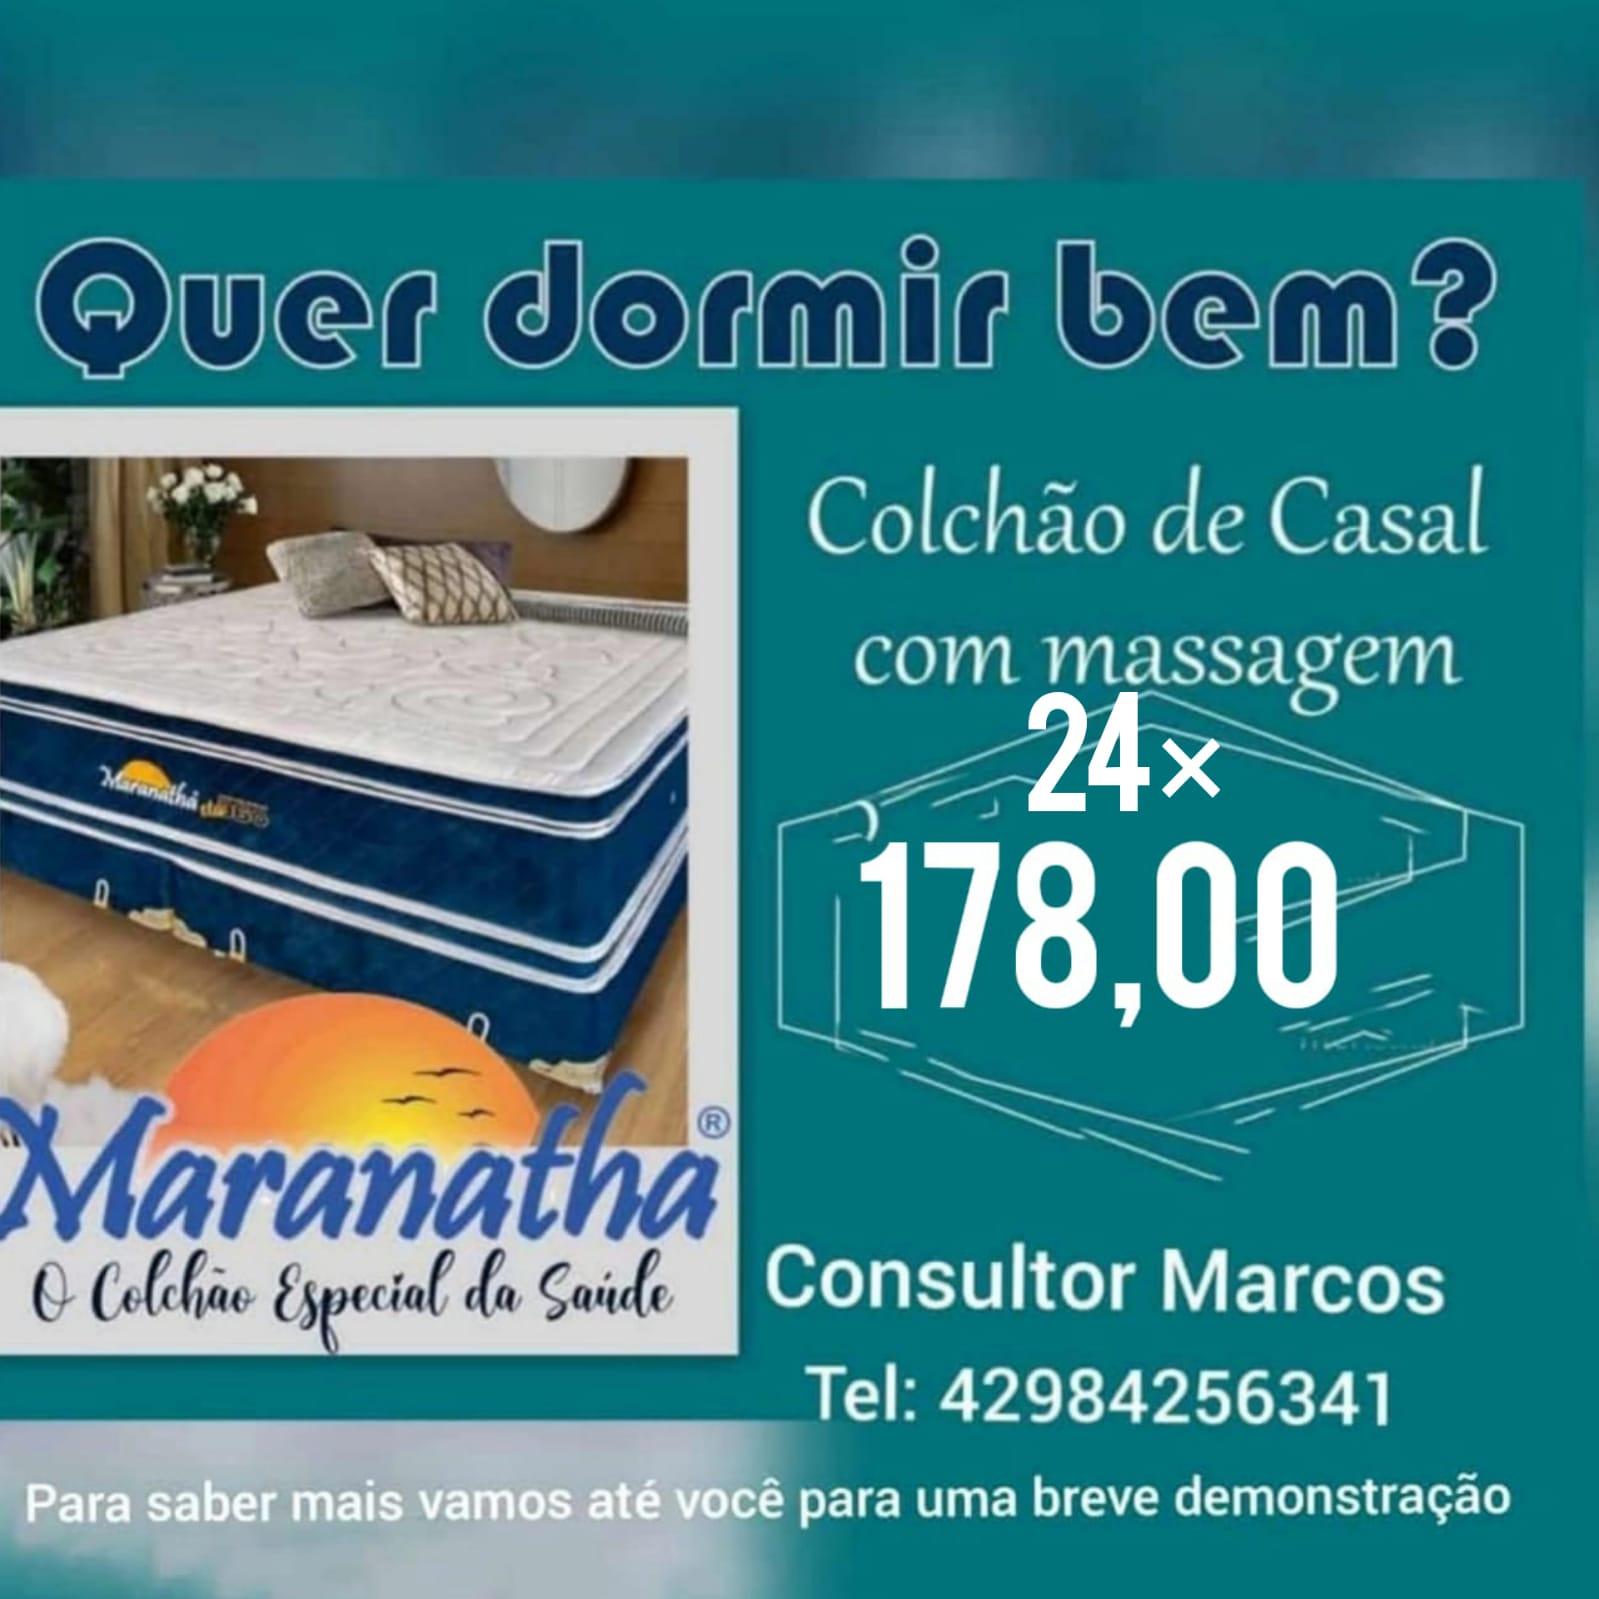 Publicidade COLCHÕES ESPECIAIS MARANATHA PROMOÇÃO